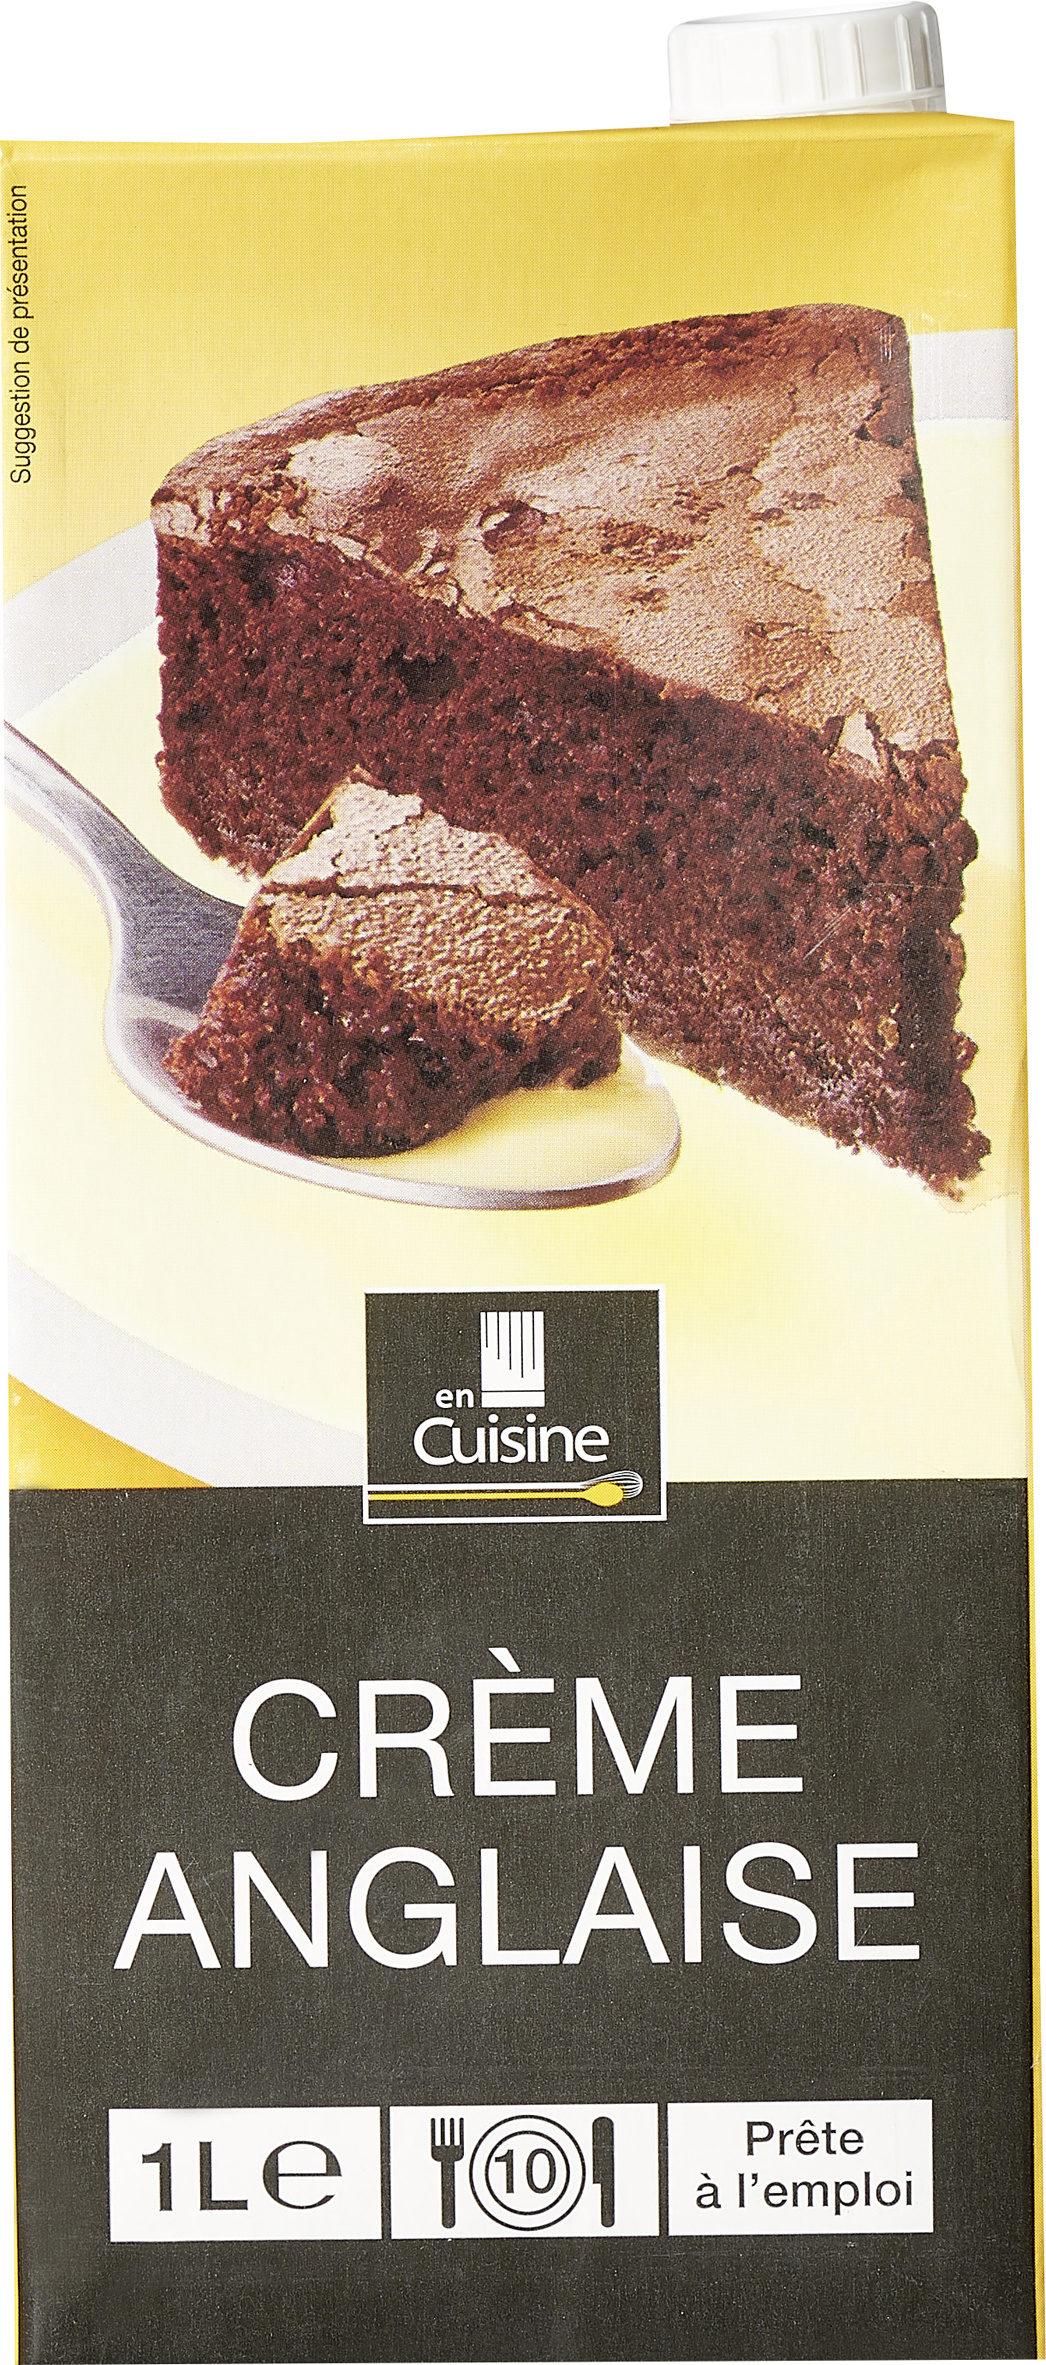 Crème anglaise - Produit